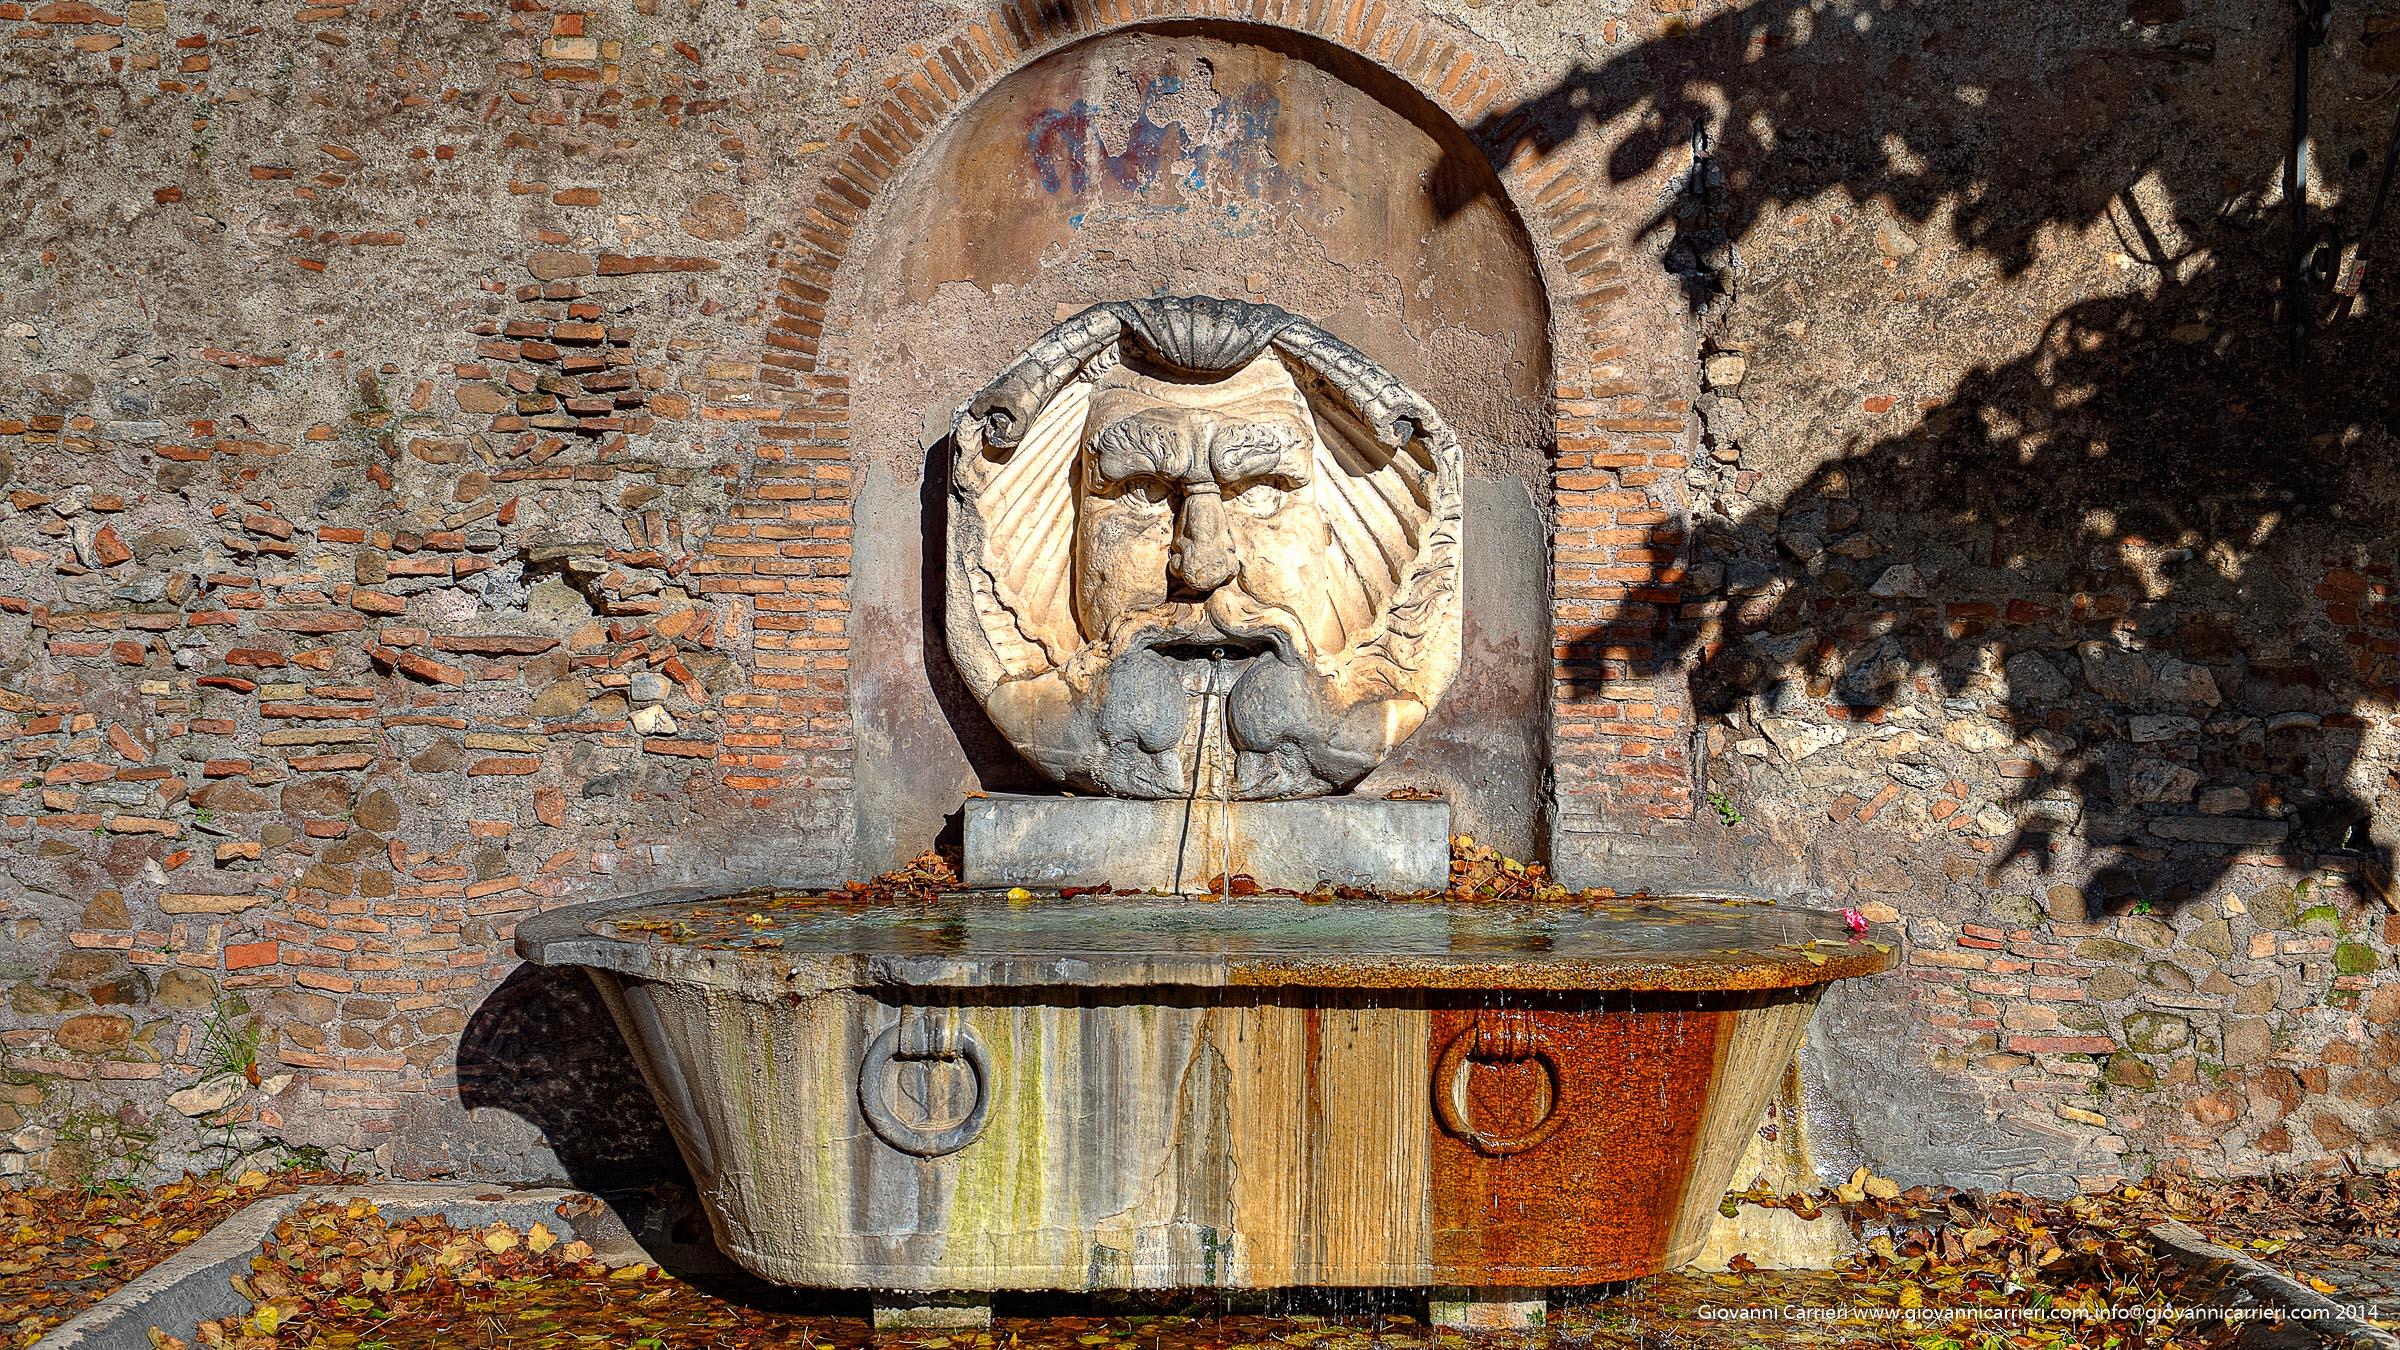 La fontana del Giardino degli Aranci, anche detto Parco Savello